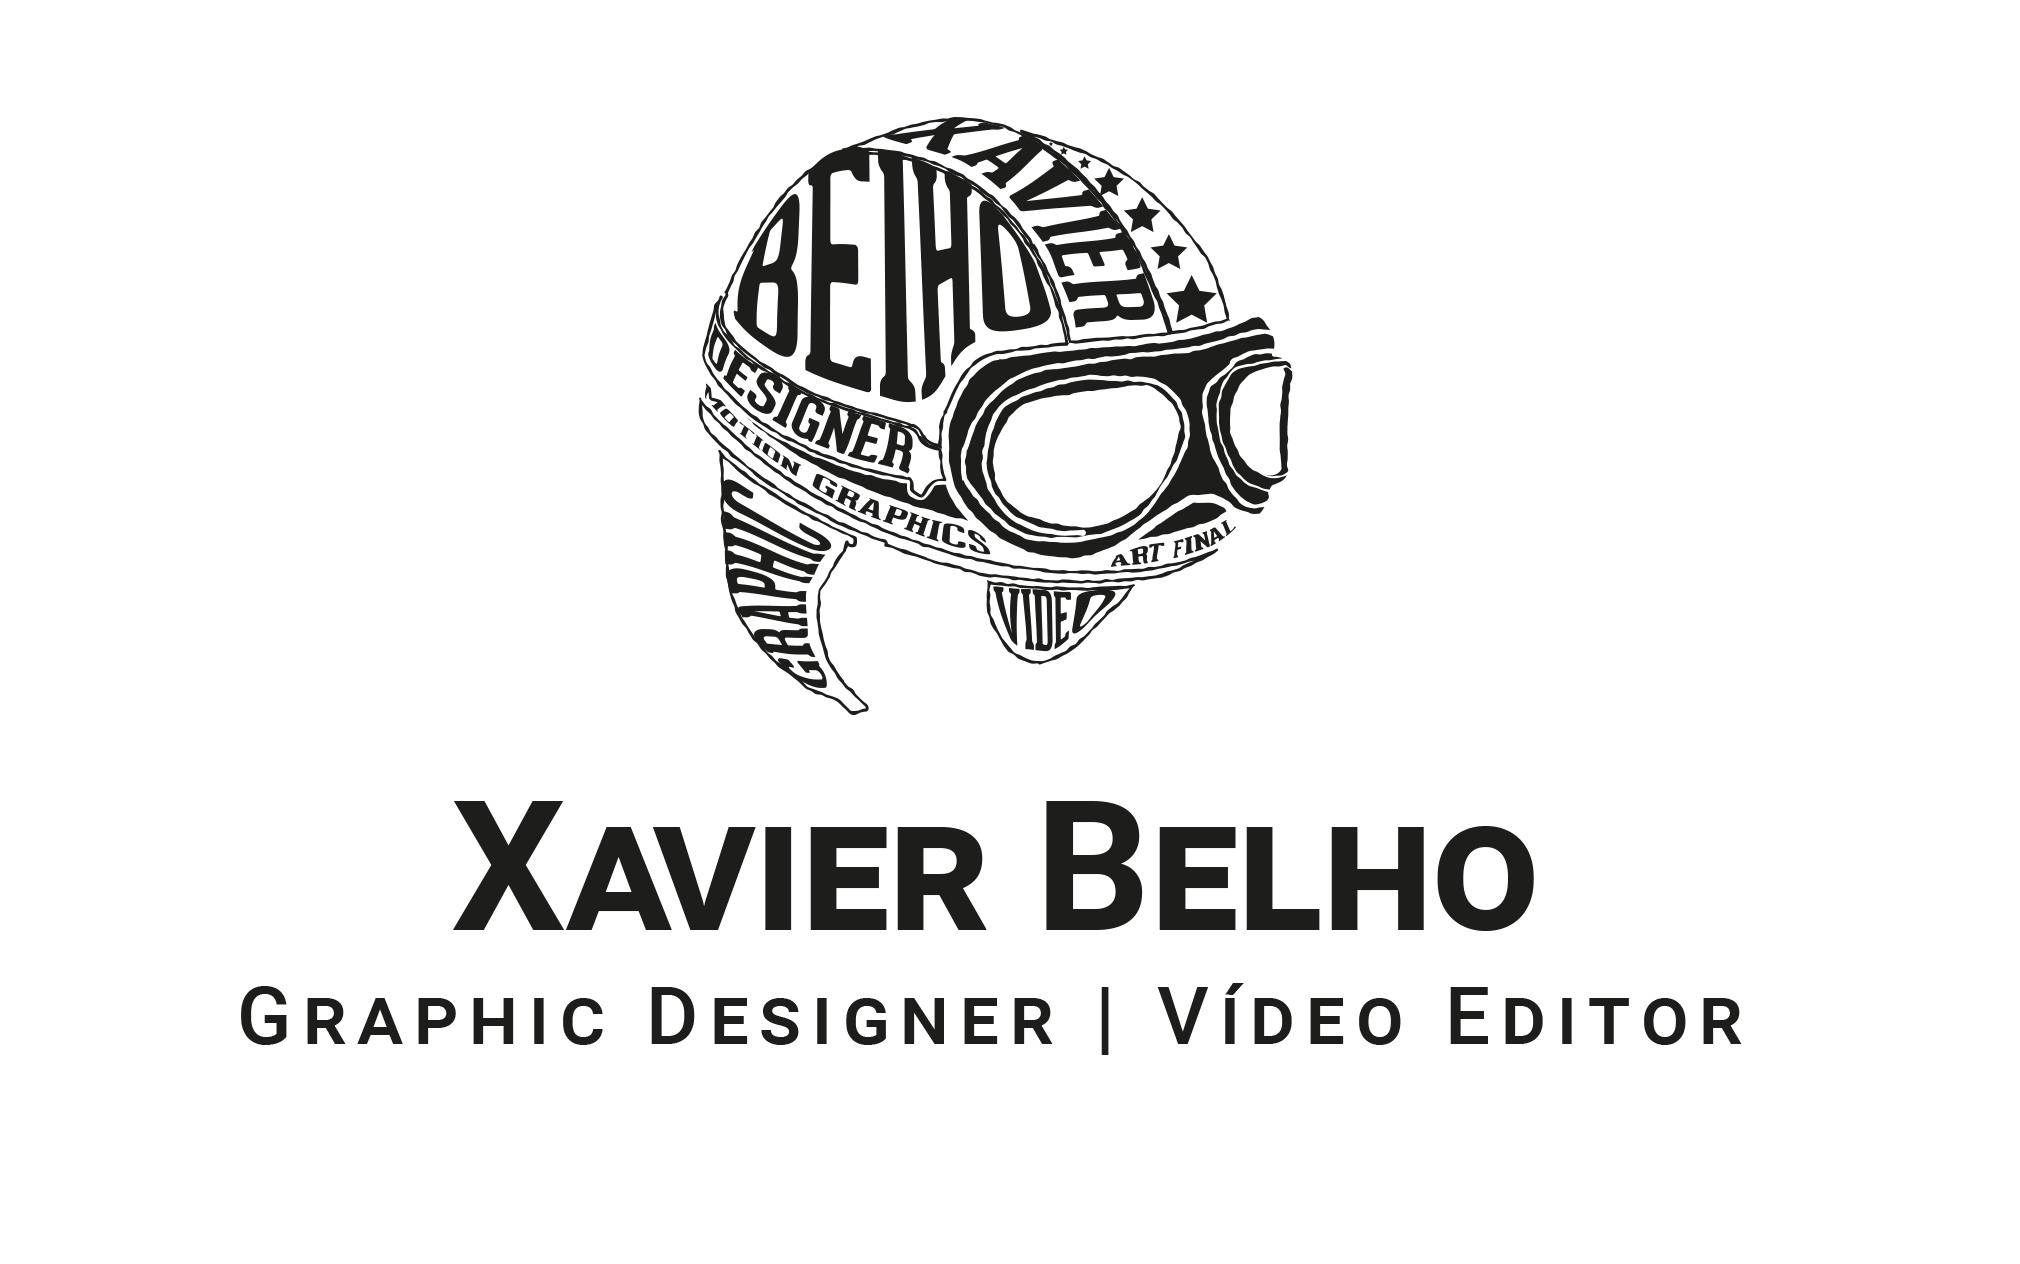 Xavier Belho